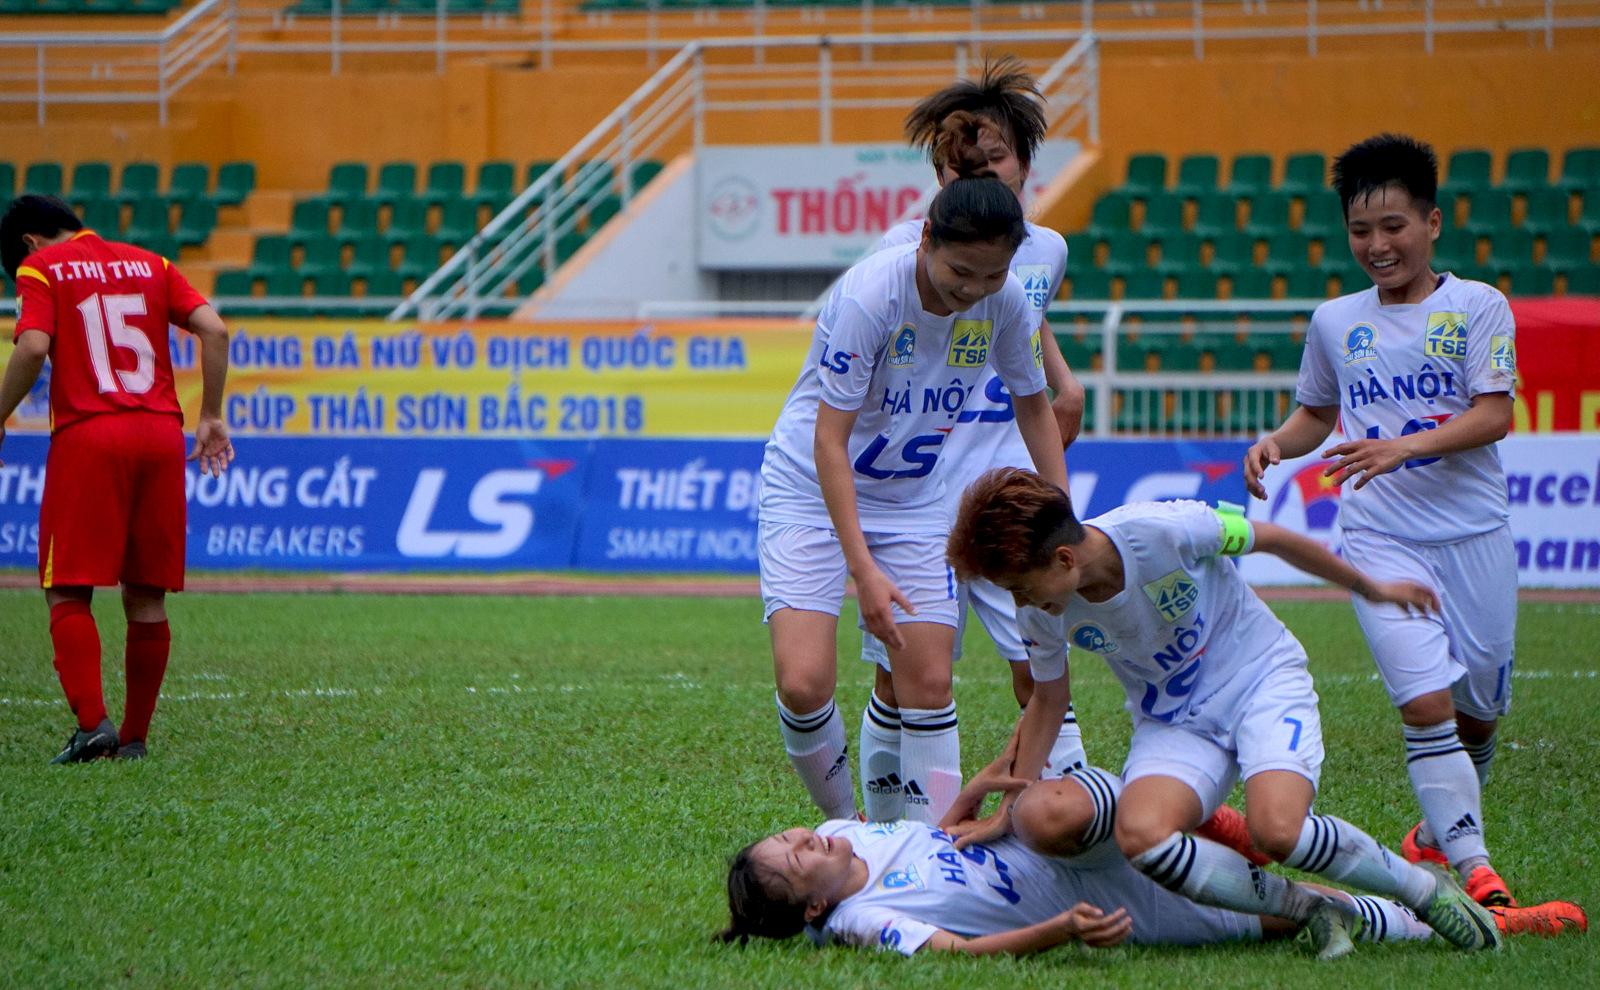 Đồng hành cùng giải BĐ nữ VĐQG - Cúp Thái Sơn Bắc 2018: NỤ CƯỜI CHIẾN THẮNG